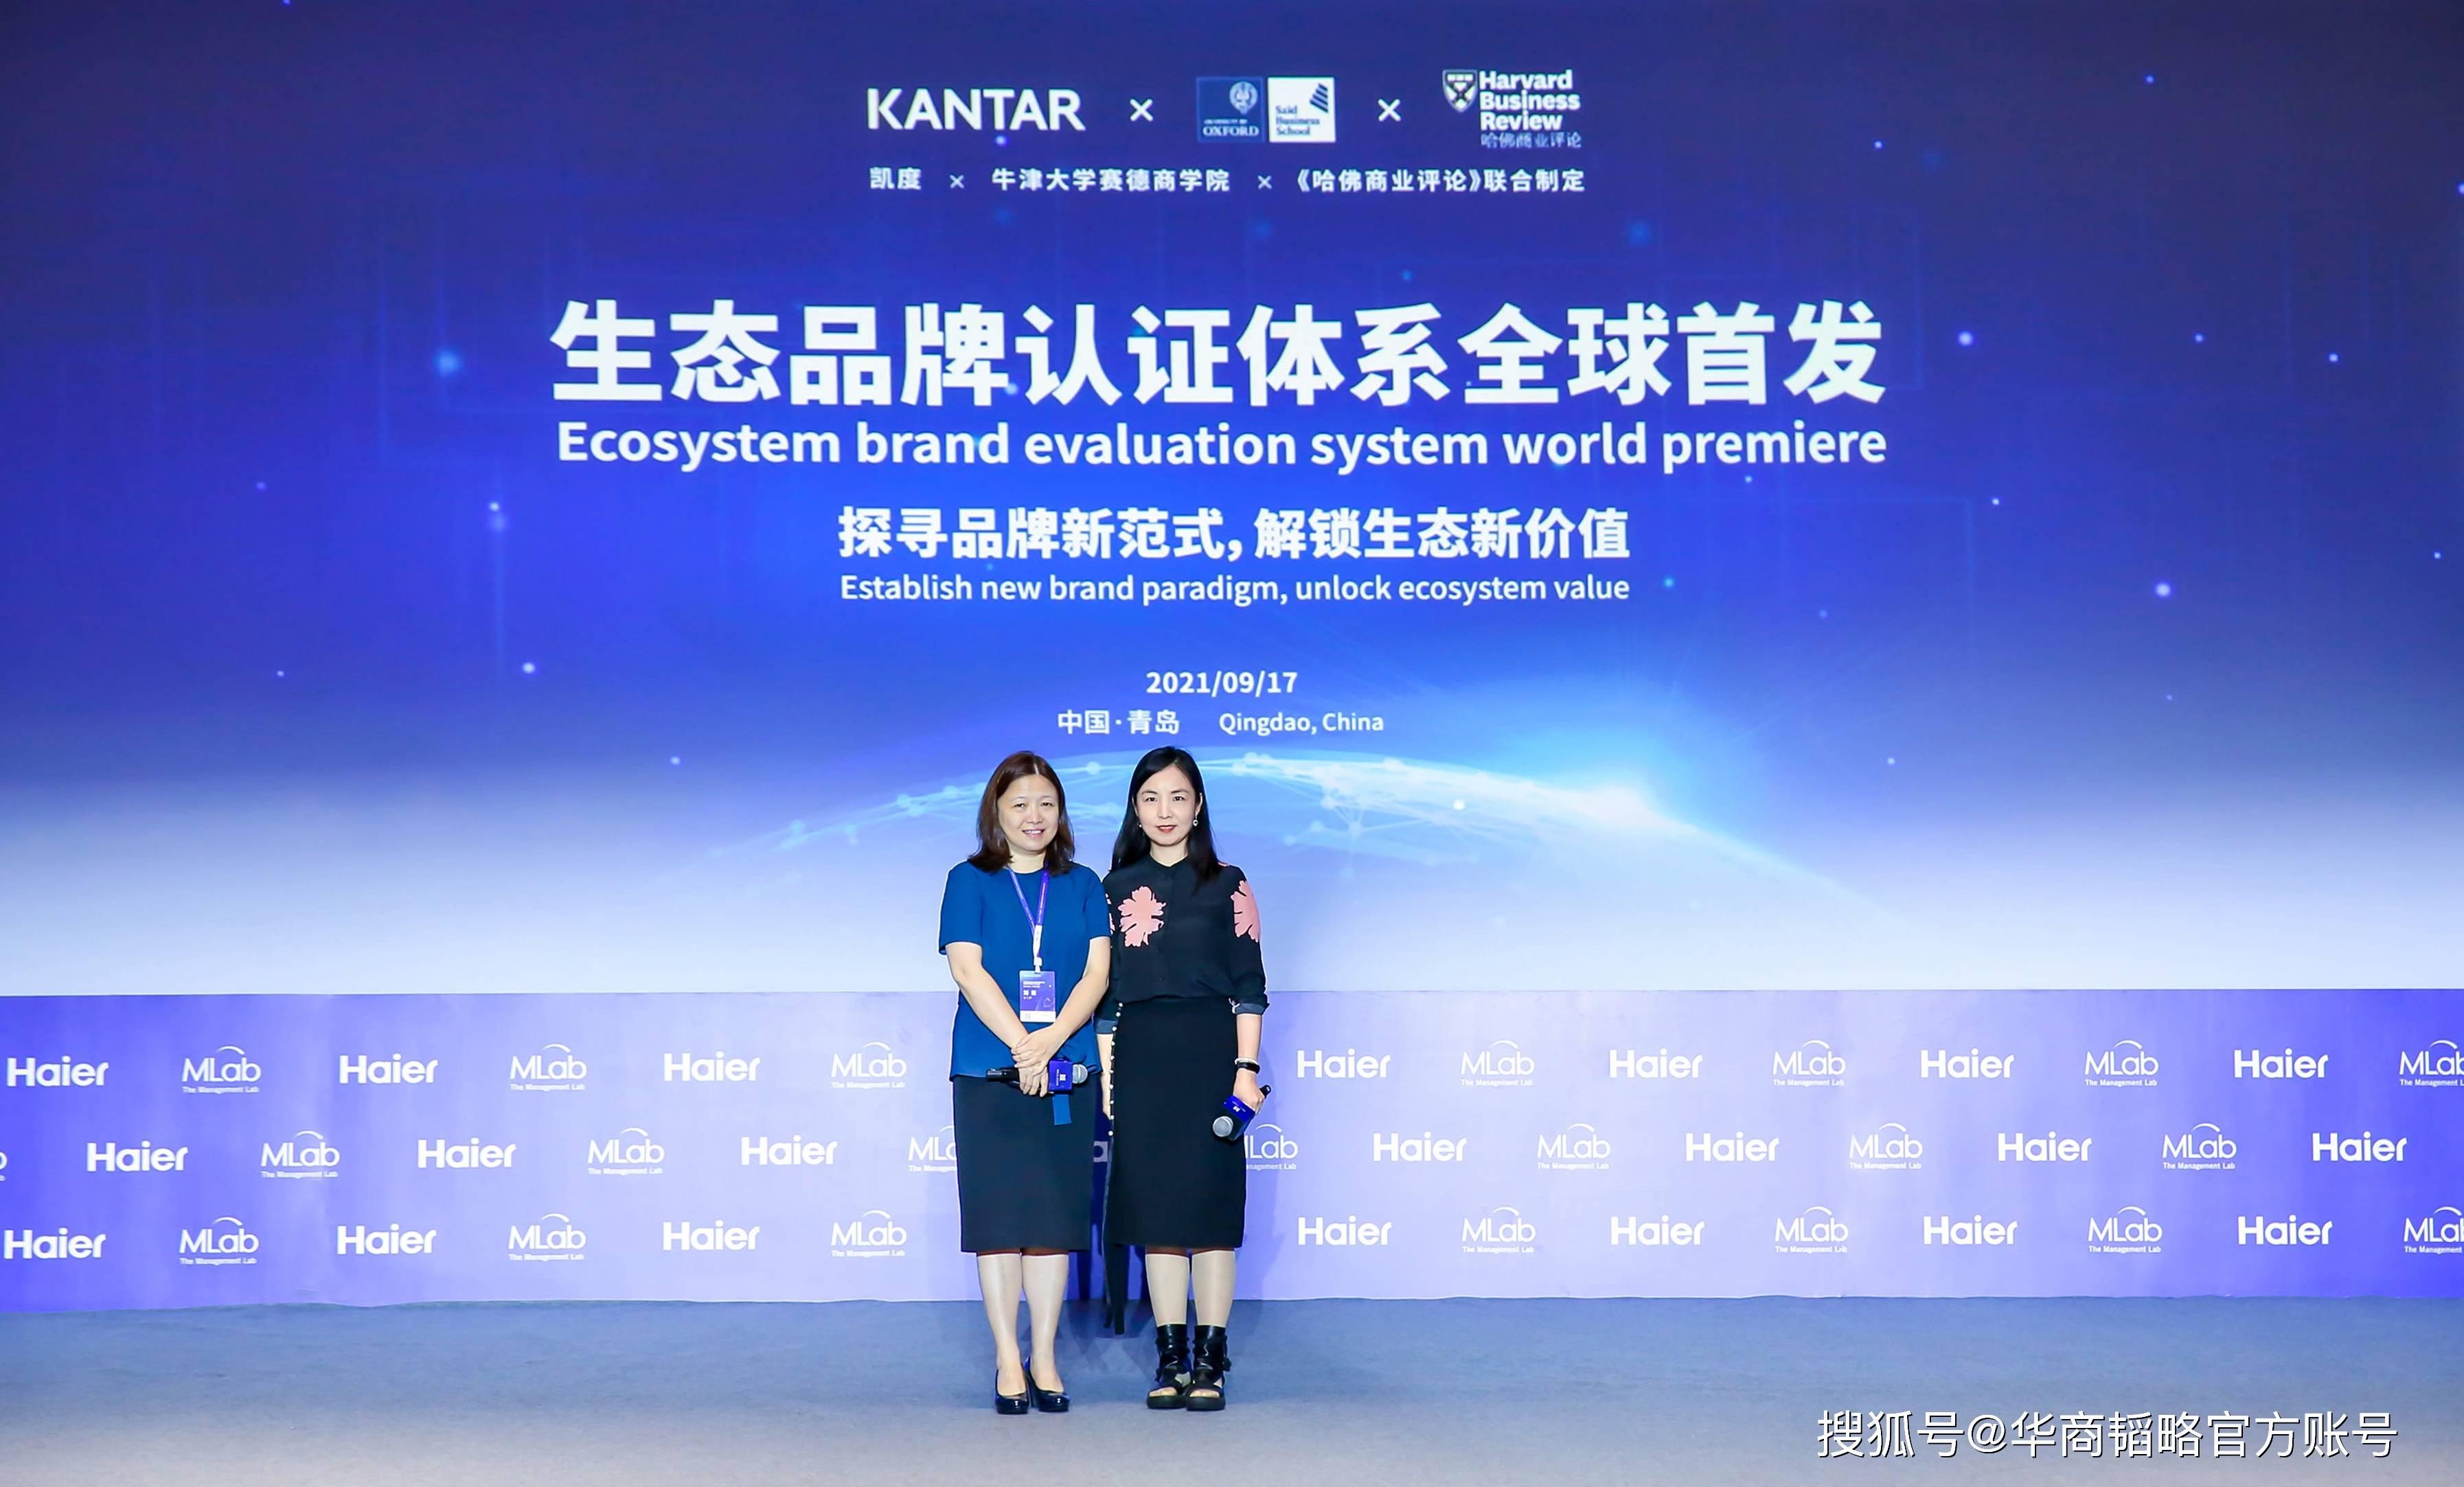 直击第五届人单合一模式引领论坛: 生态品牌认证体系全球首发: